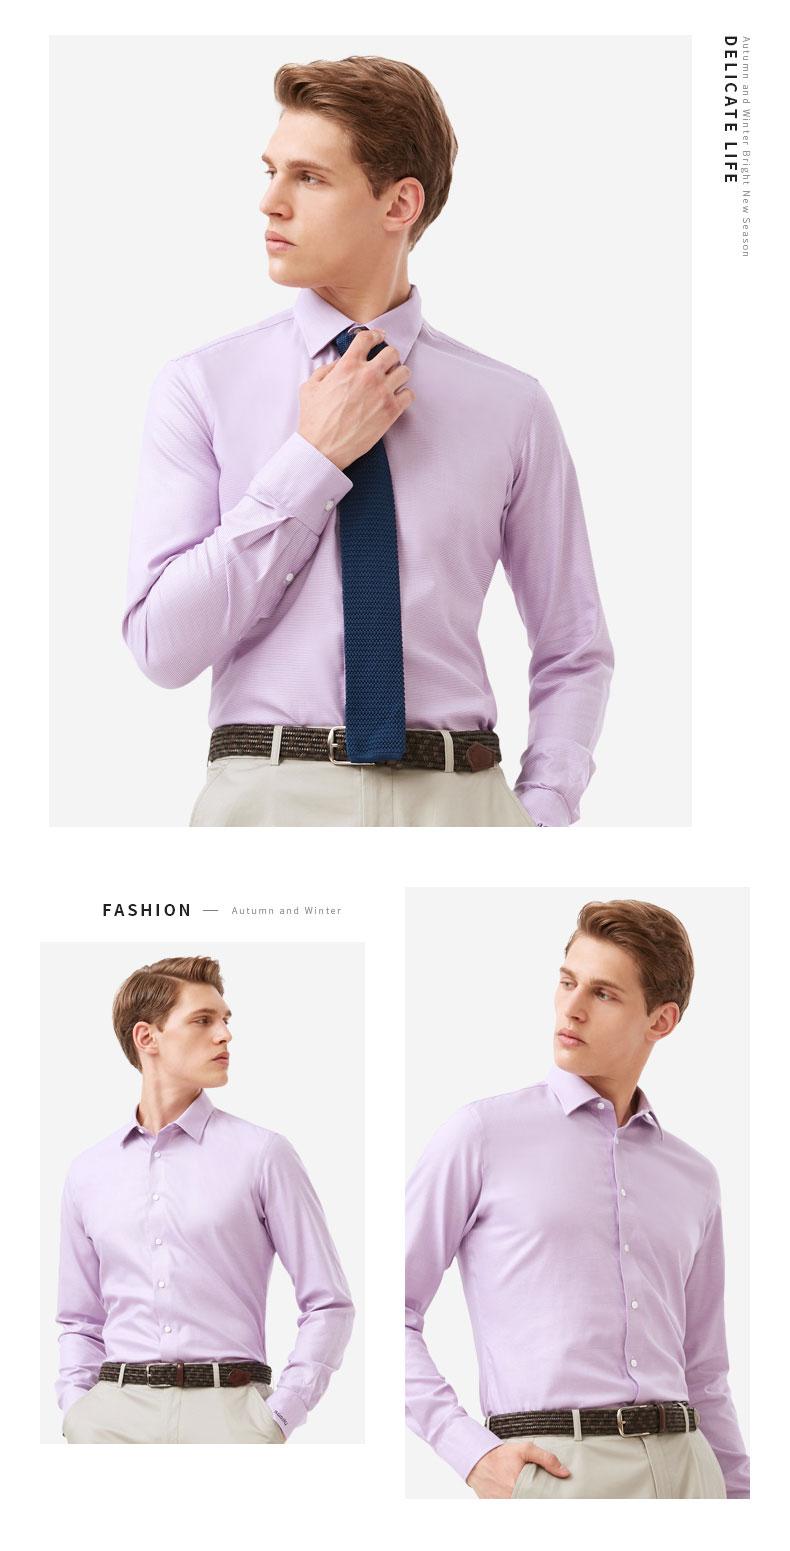 男款定制衬衫图片展示